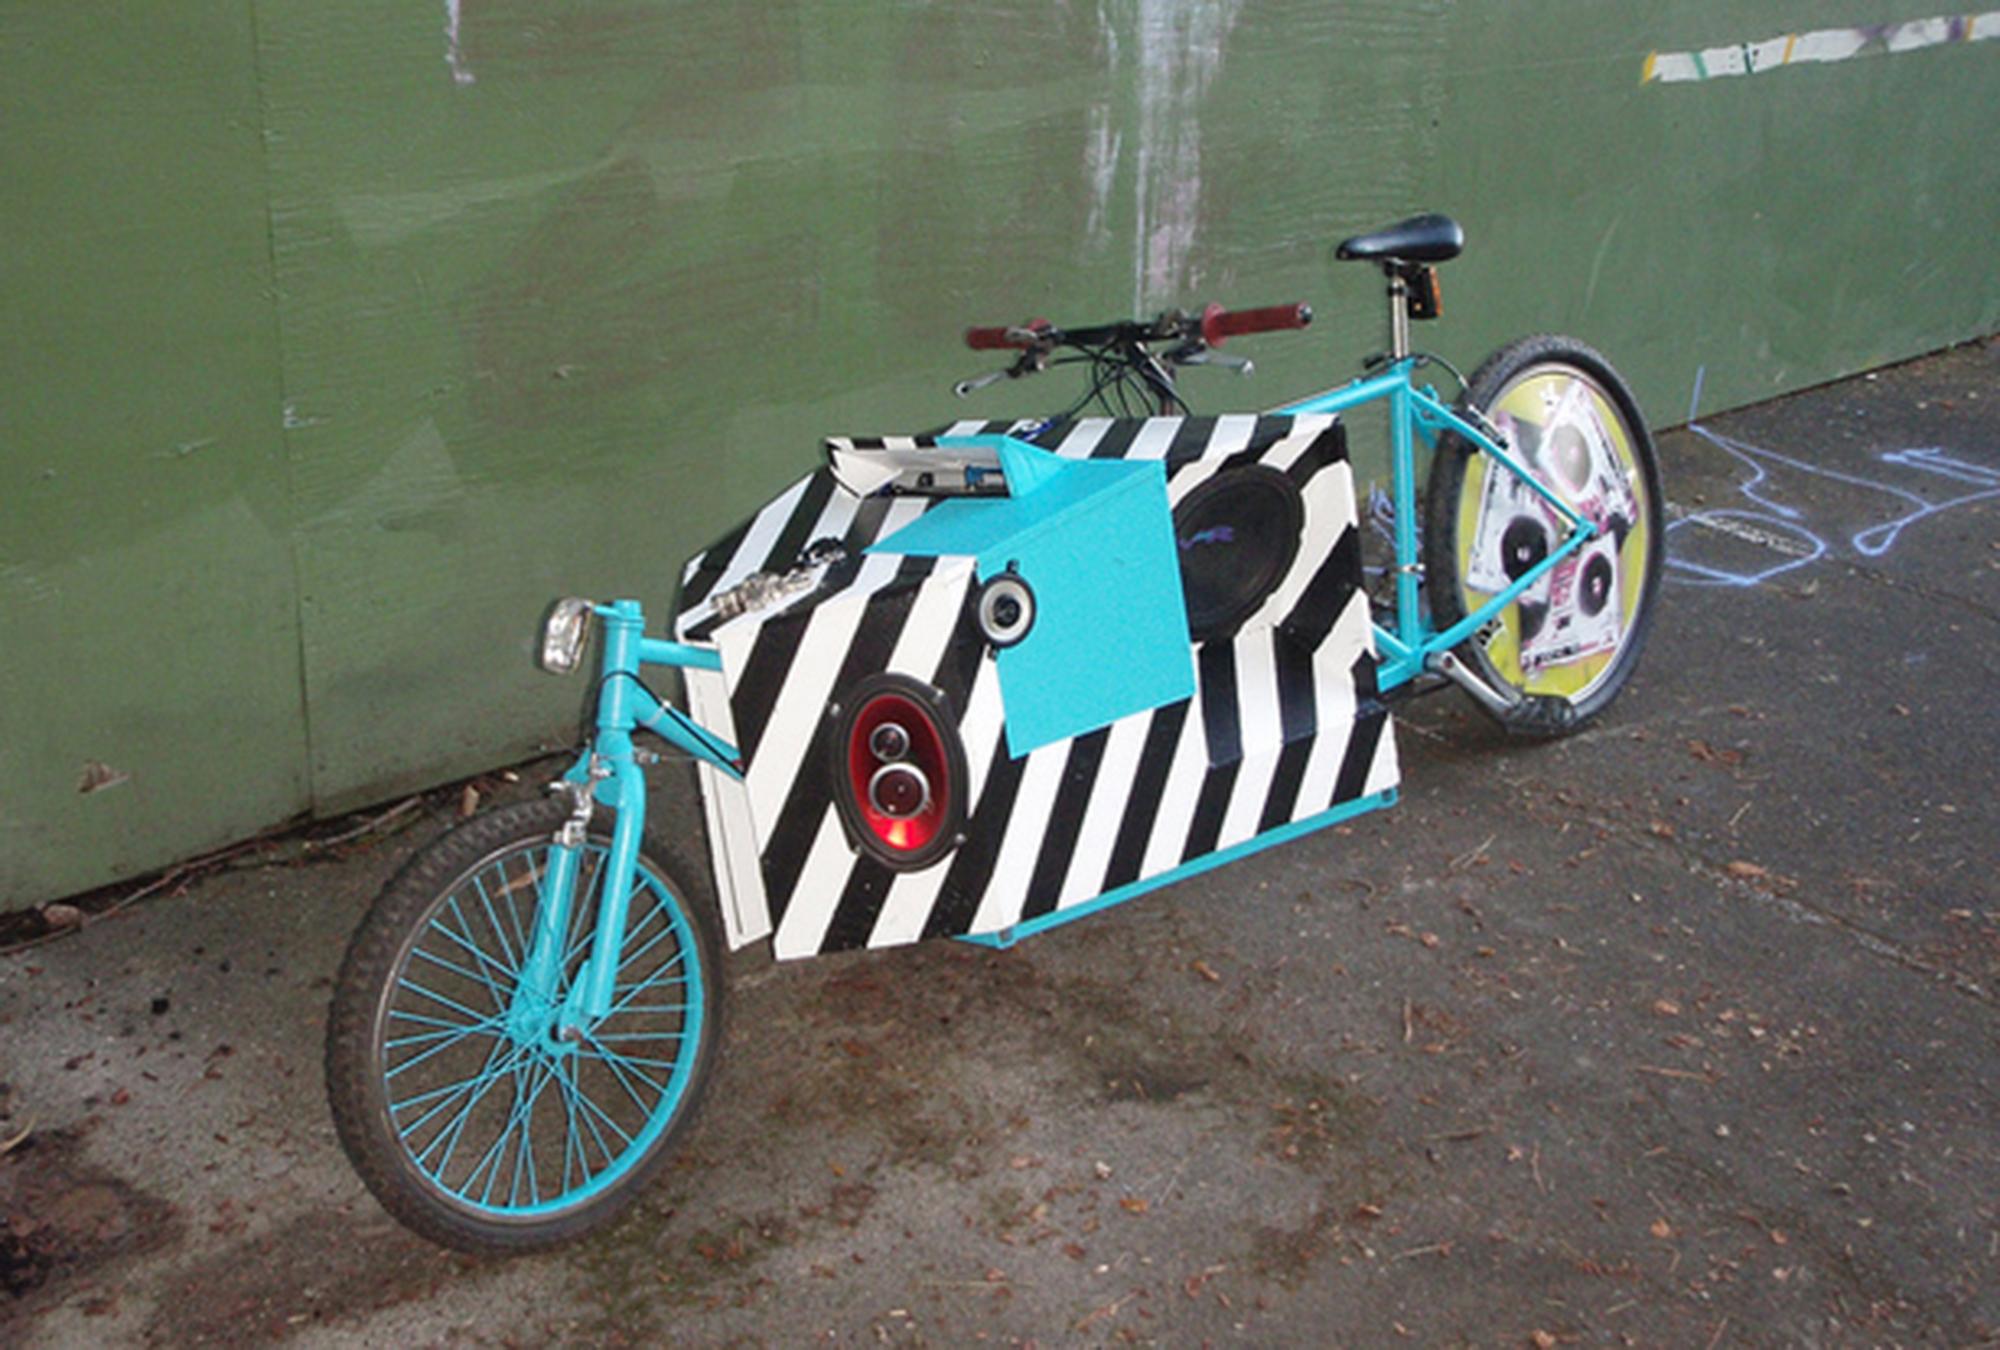 handmade freakbike bicycle portland cargobike fr808